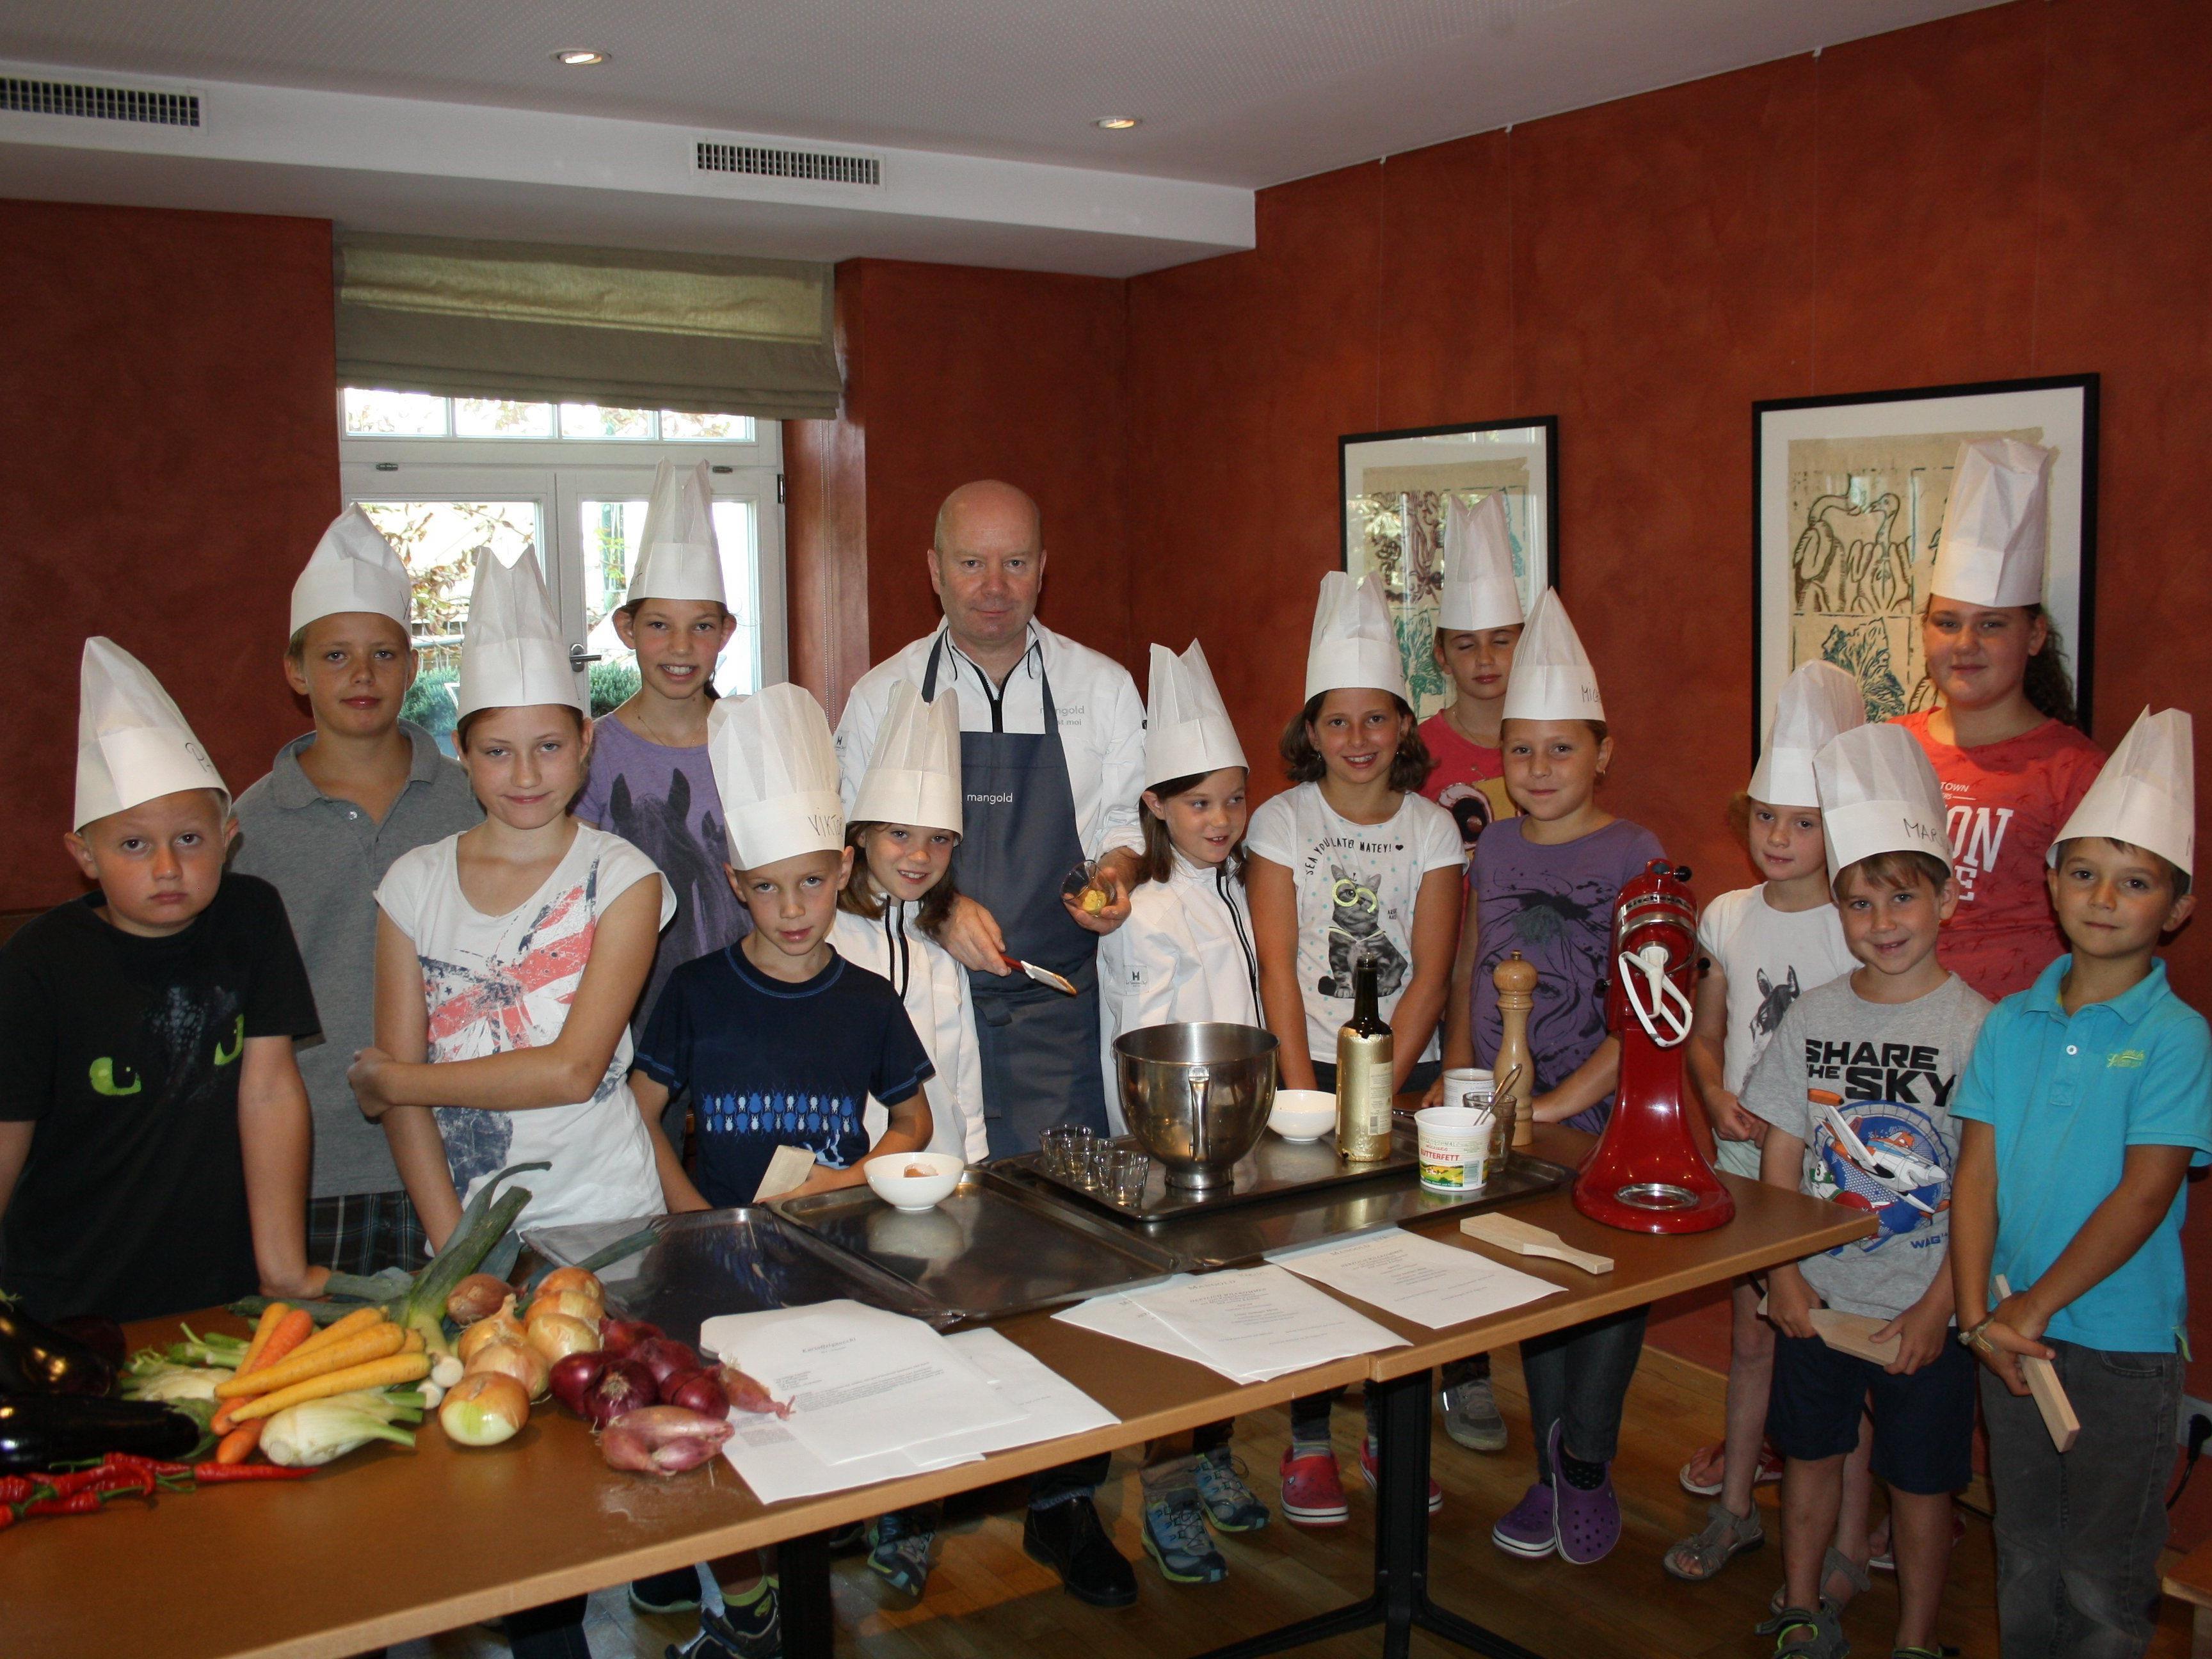 """Viel Spaß hatten die jungen Kochlehrlinge beim """"Ferienkochkurs mit Michael Schwarzenbacher"""" im Restaurant Mangold in Lochau"""